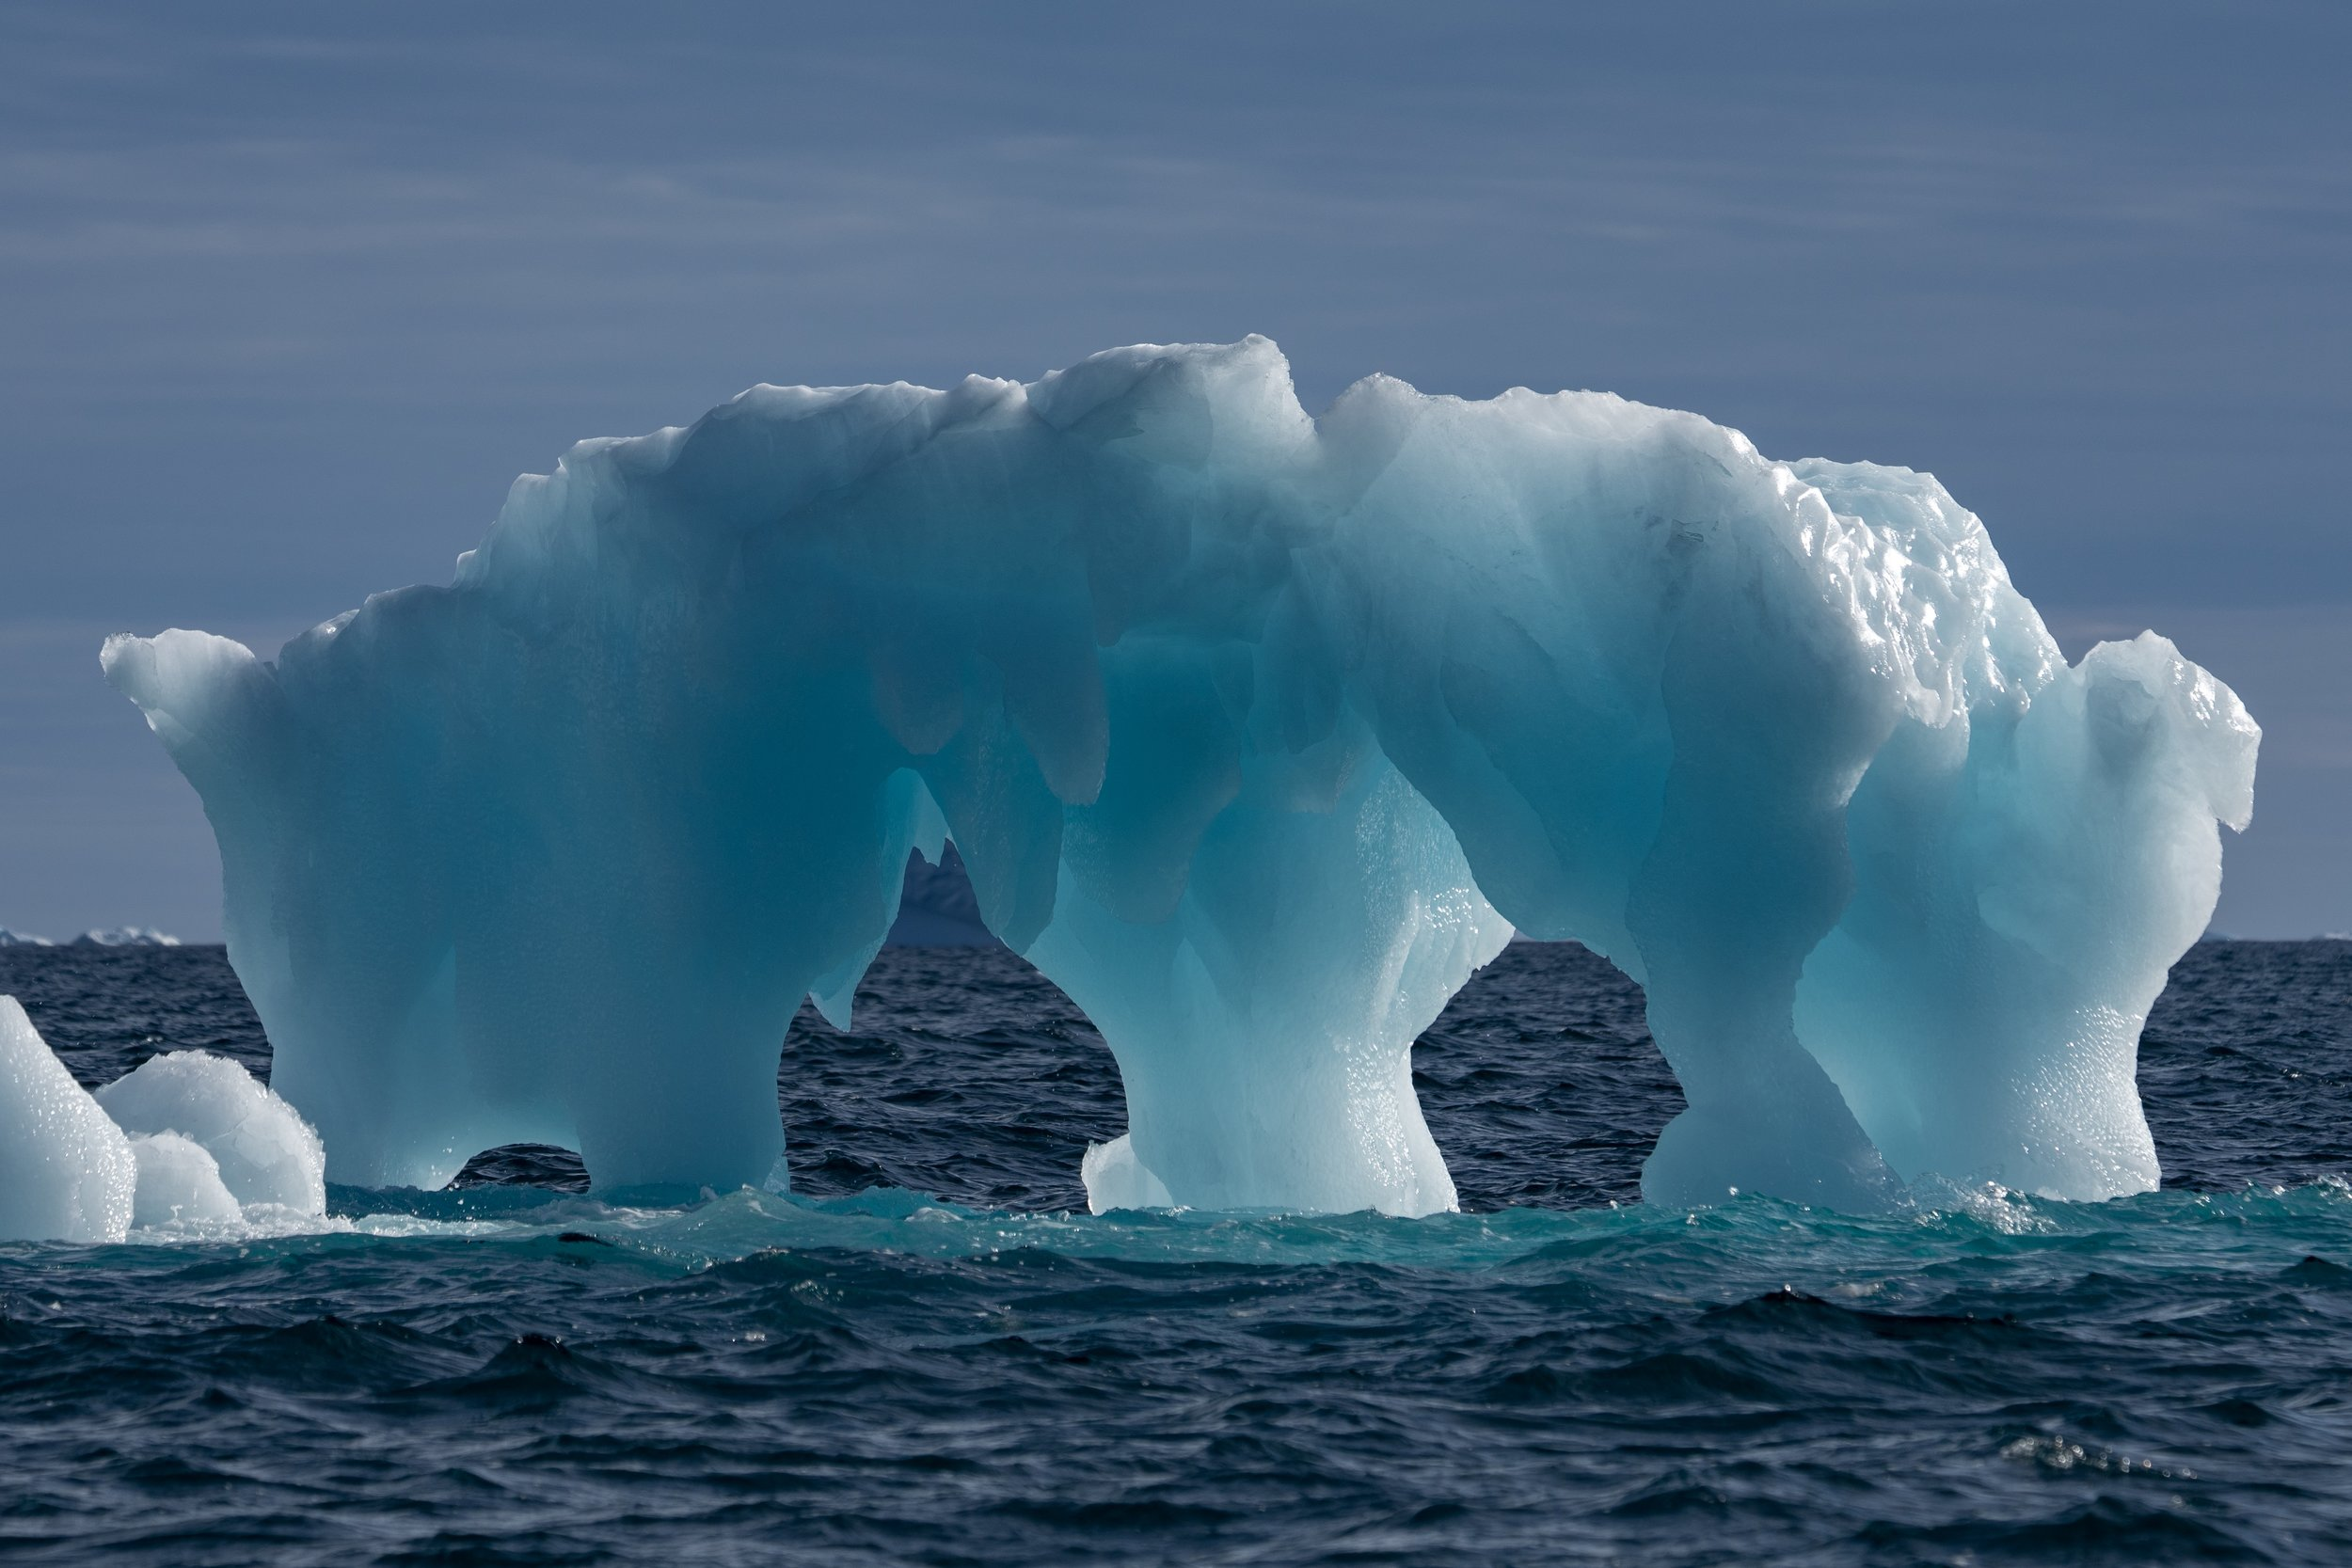 Pillars Of Ice